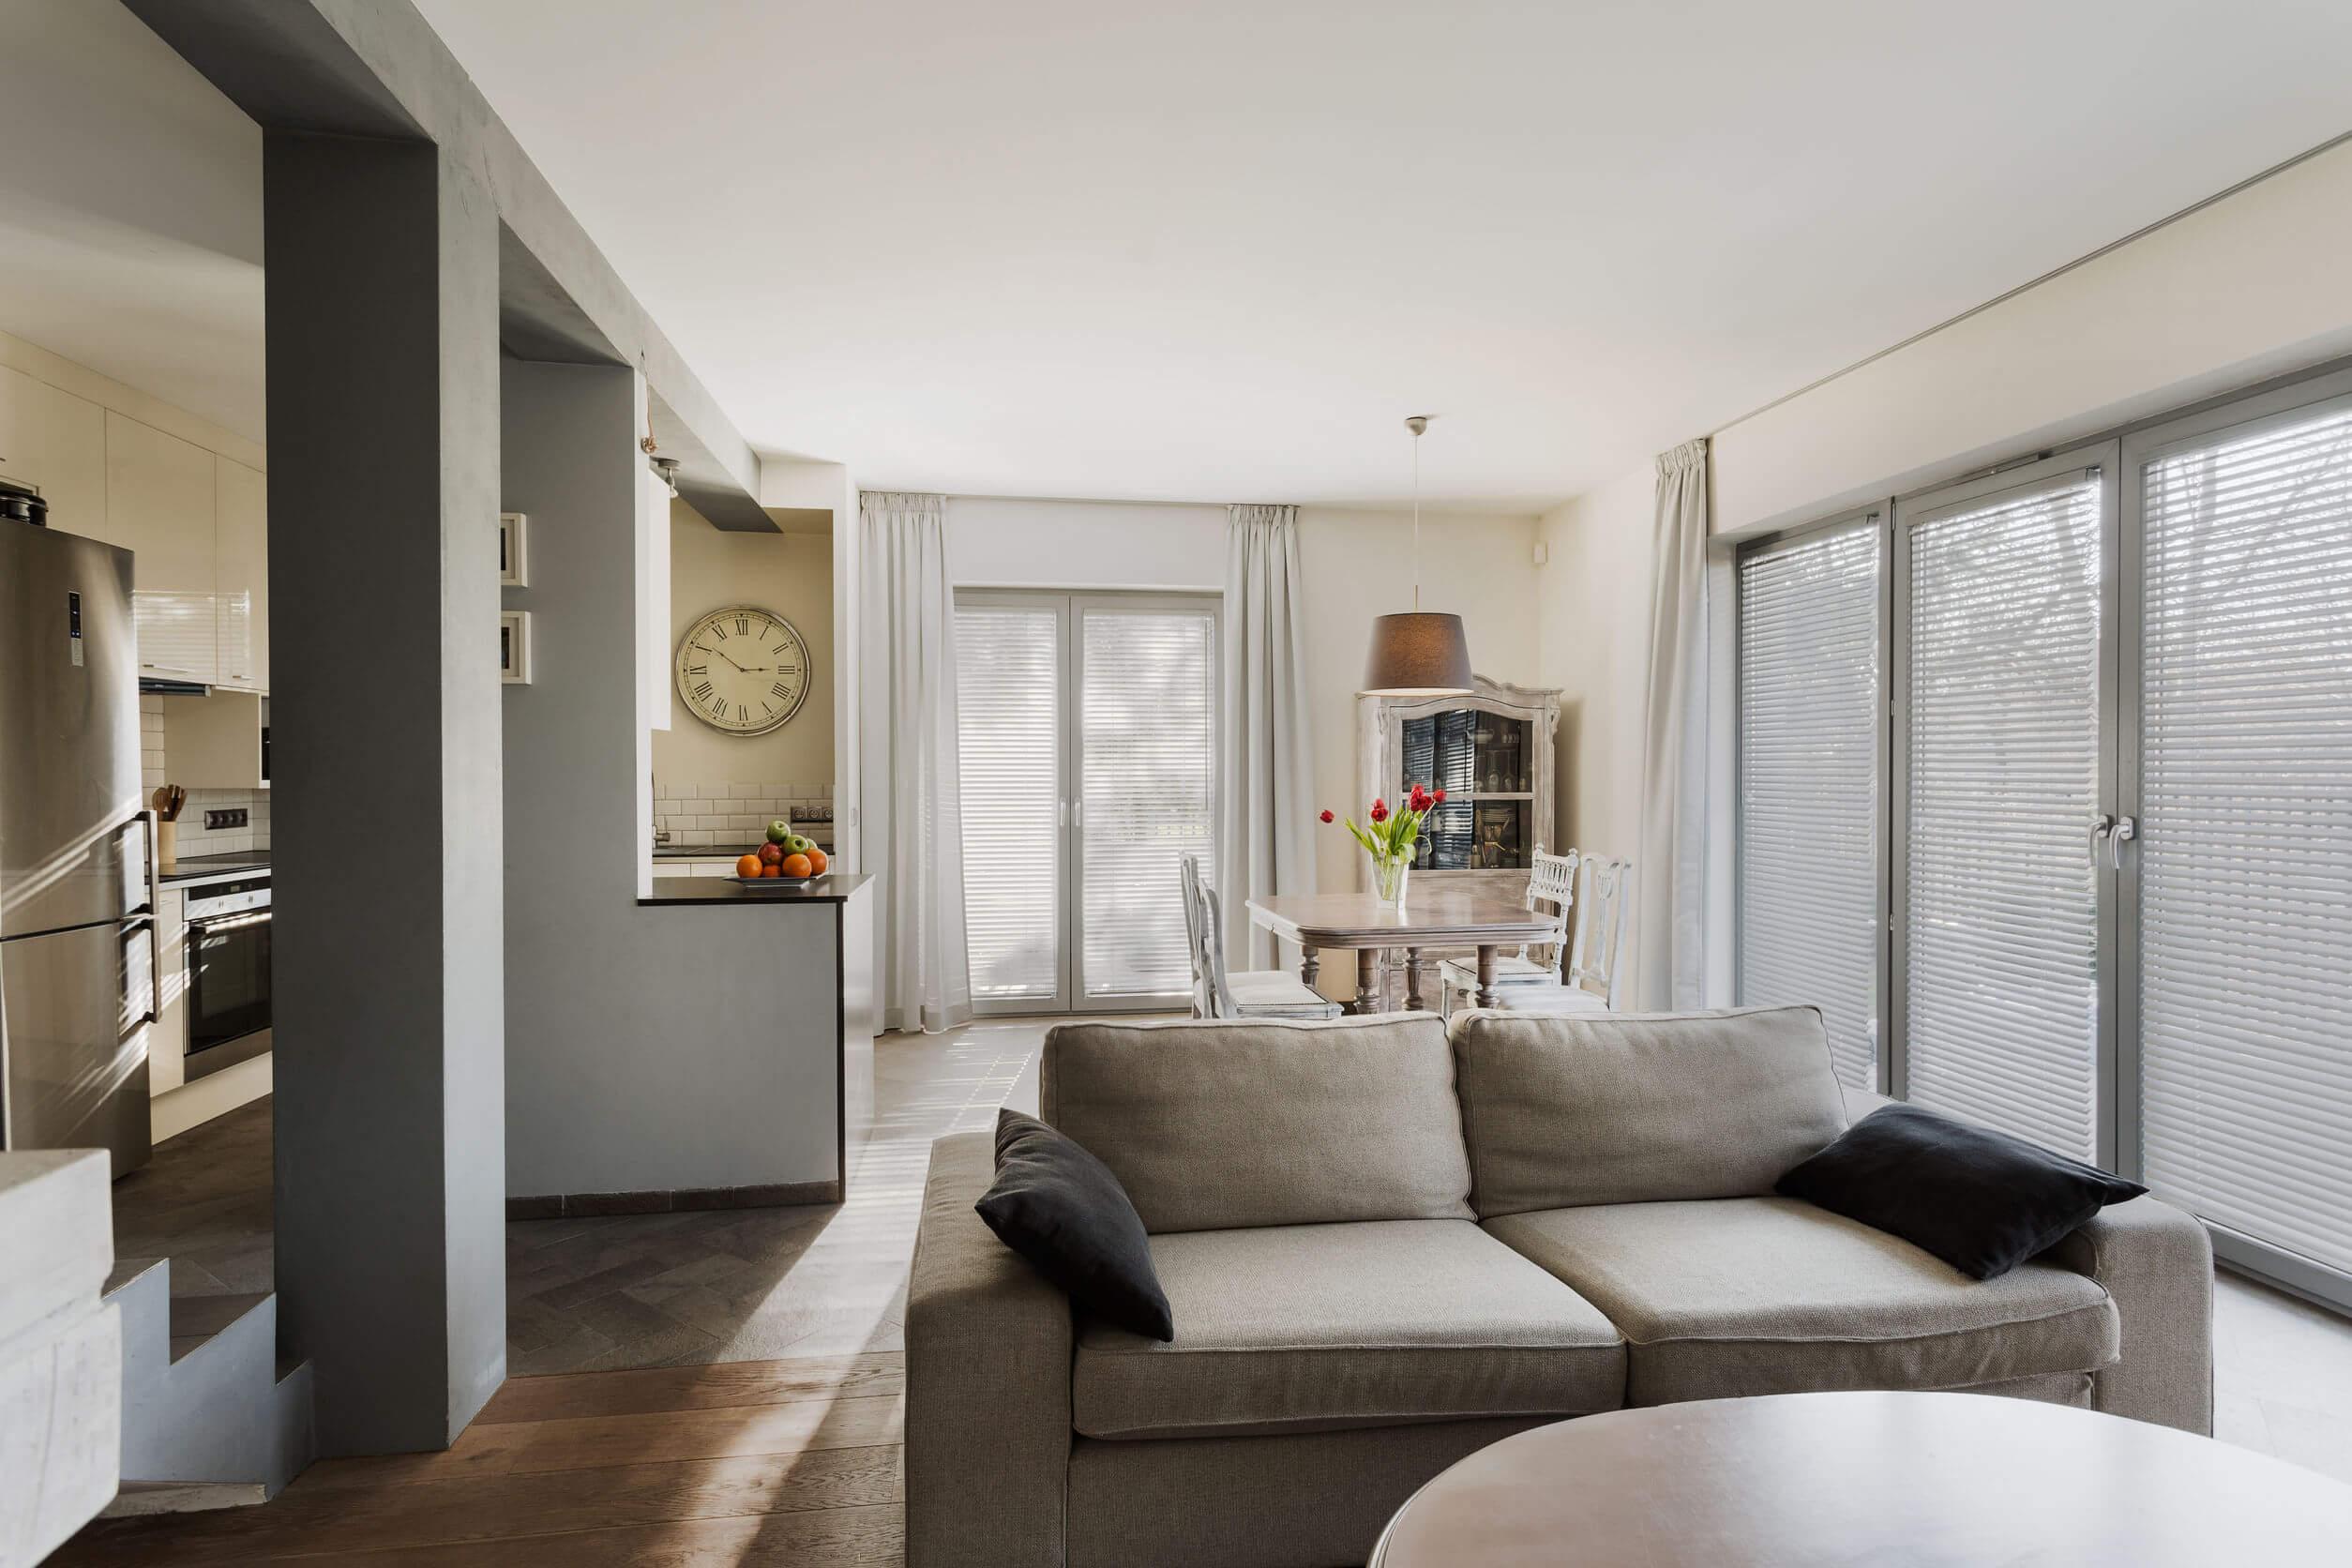 Mit tehetsz, ha a gyereknek szeretnél majd lakást venni?